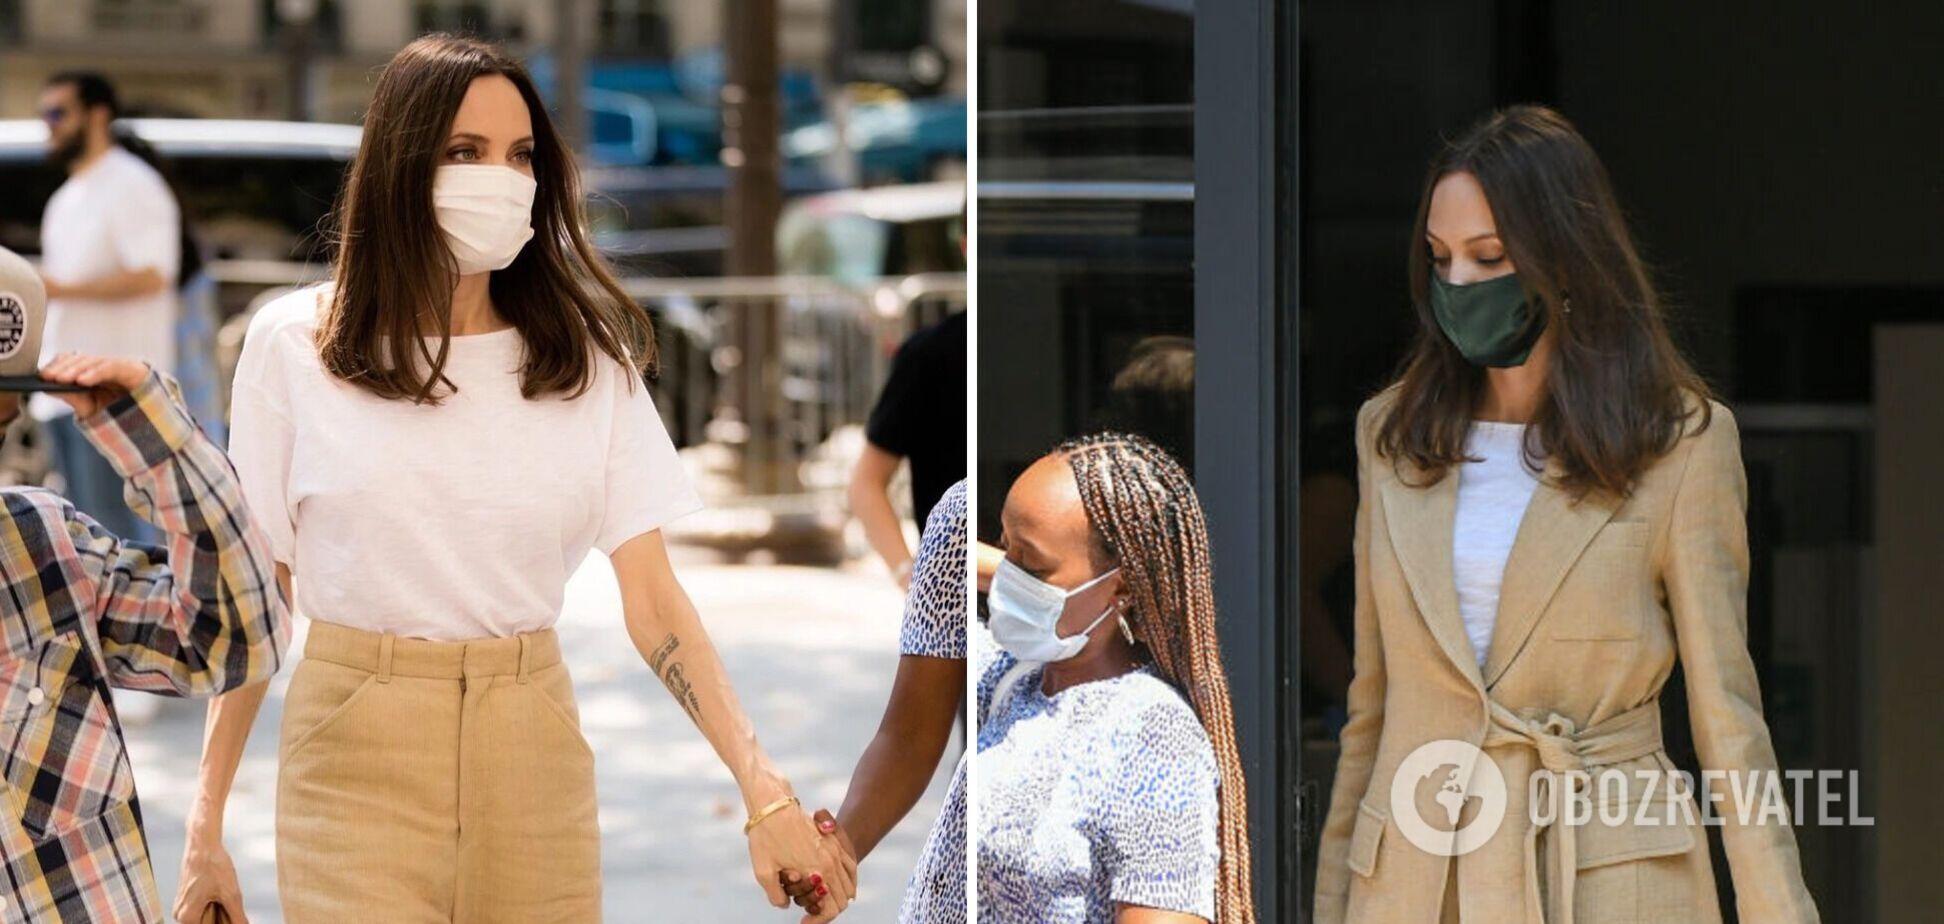 Анджеліна Джолі прогулялася по Парижу в бездоганному лляному костюмі. Фото